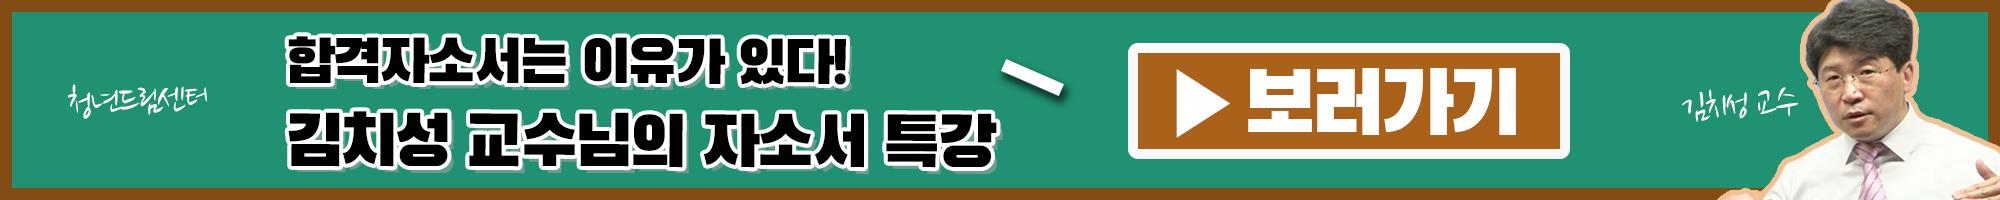 김치성 교수님의 자기소개서 특강!